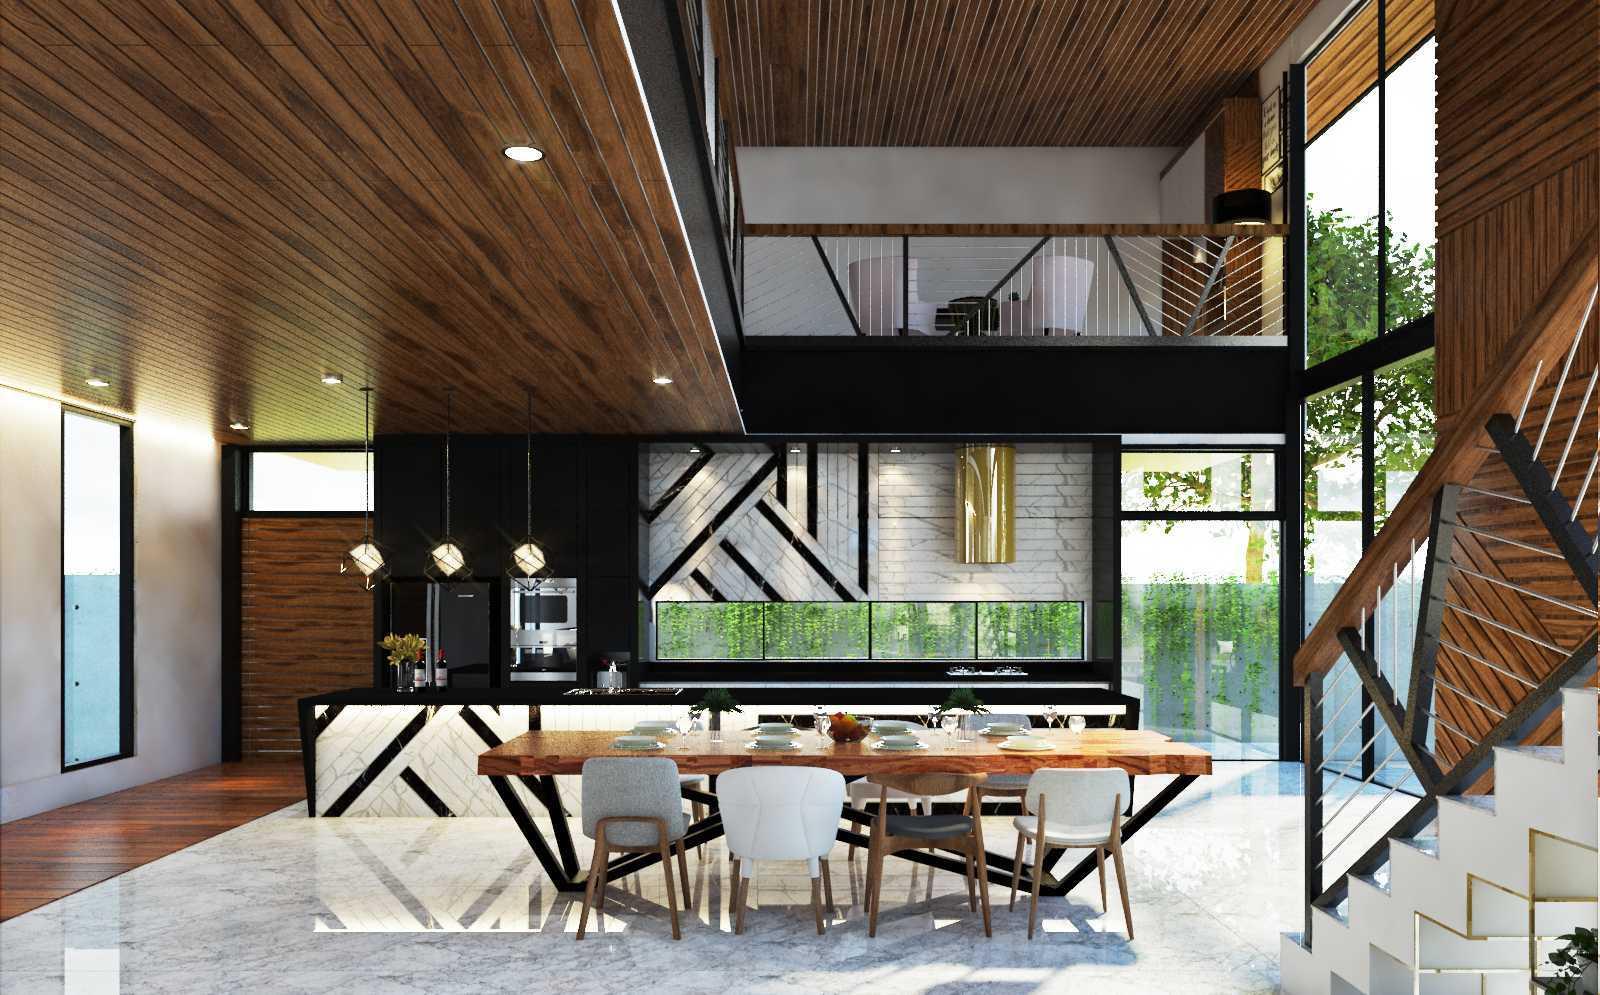 Merah Putih Architecture Io House Indonesia Indonesia Merah-Putih-Architecture-Io-House  87600